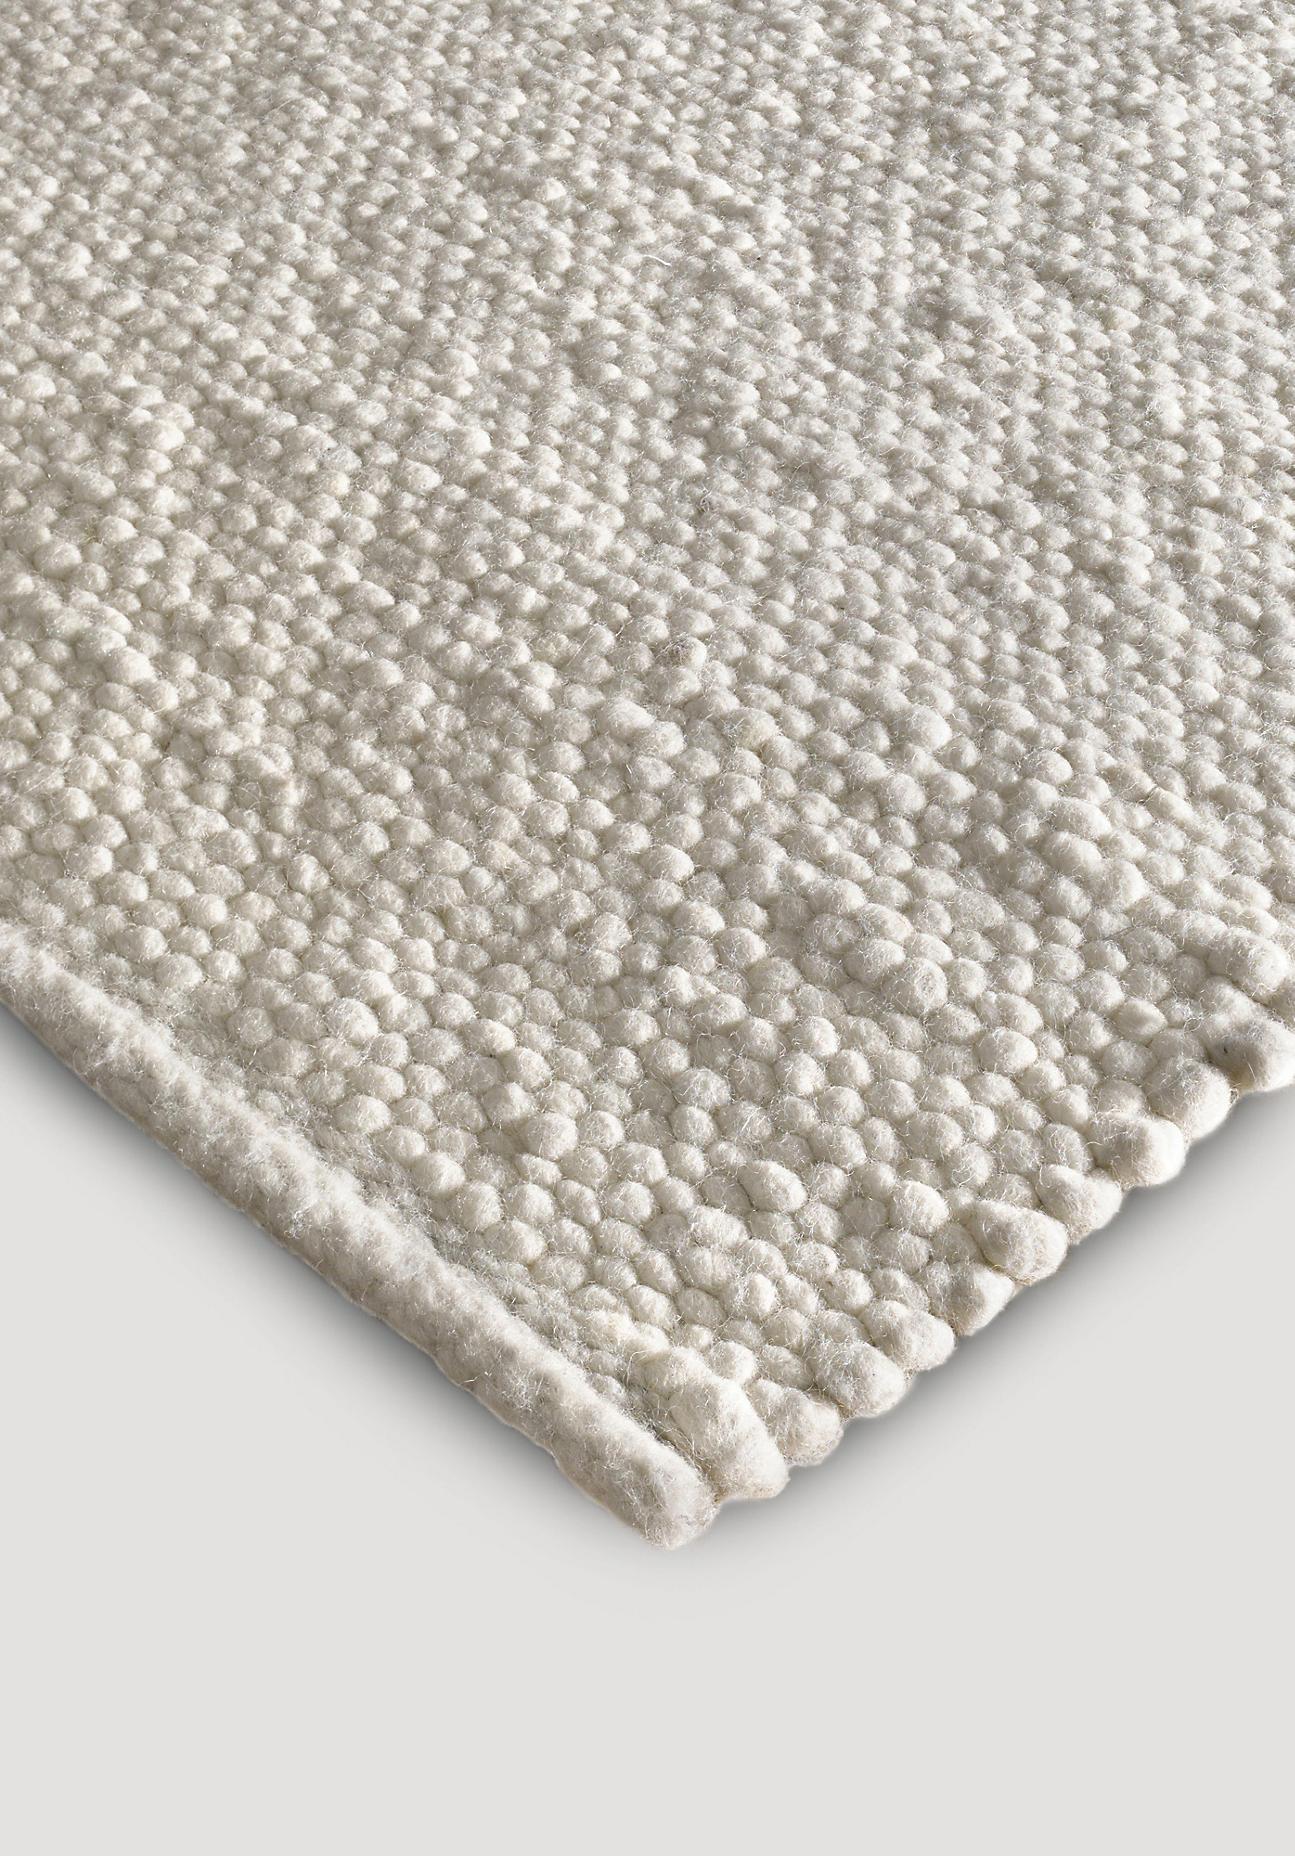 hessnatur Webteppich aus Deichschaf-Wolle – naturfarben – Größe 70x140 cm